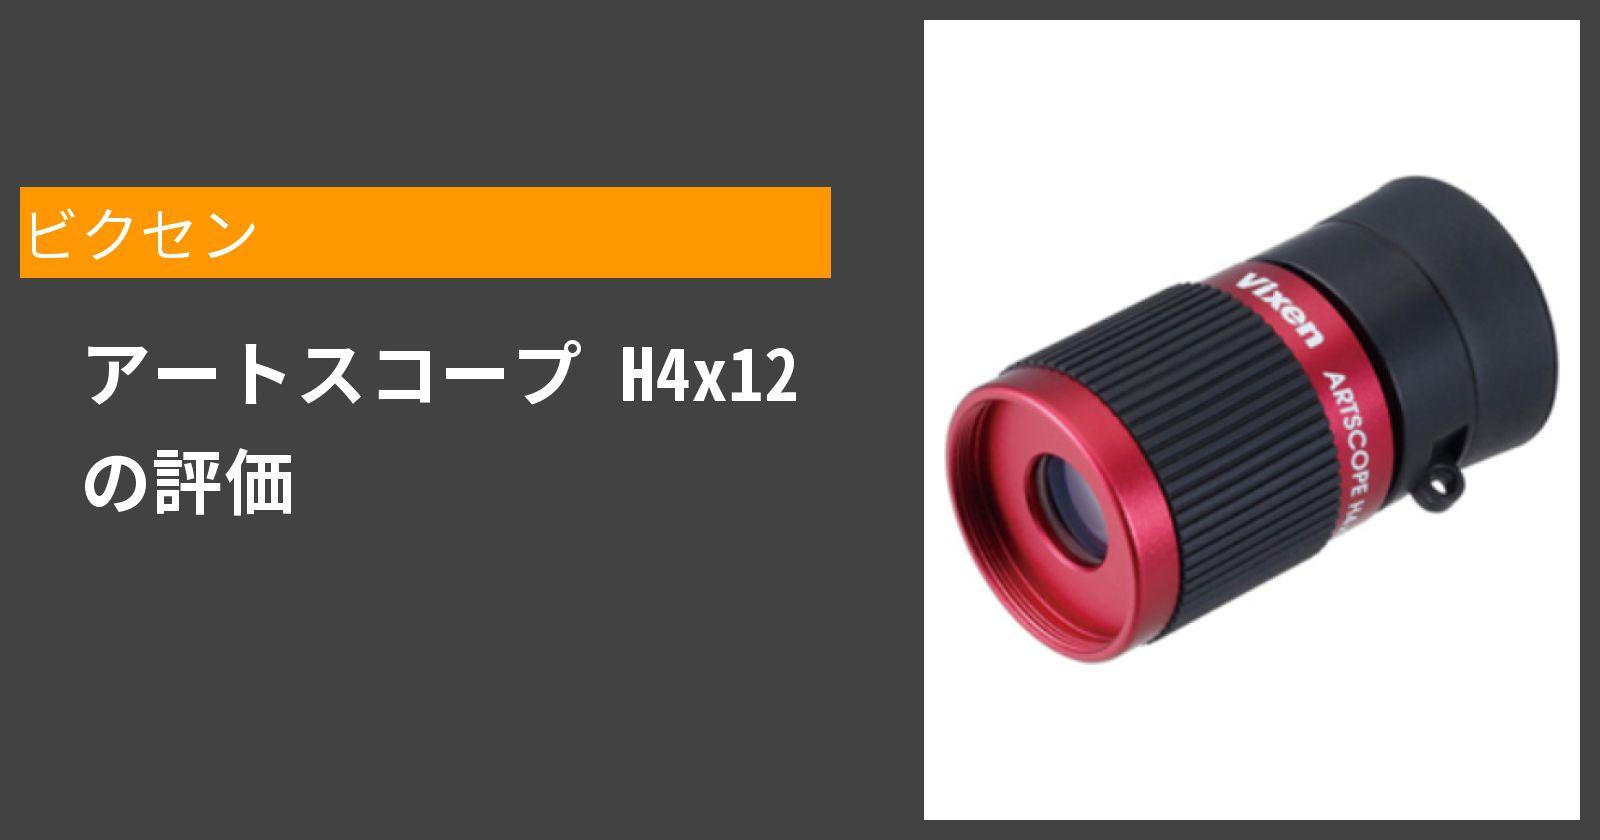 アートスコープ H4x12を徹底評価